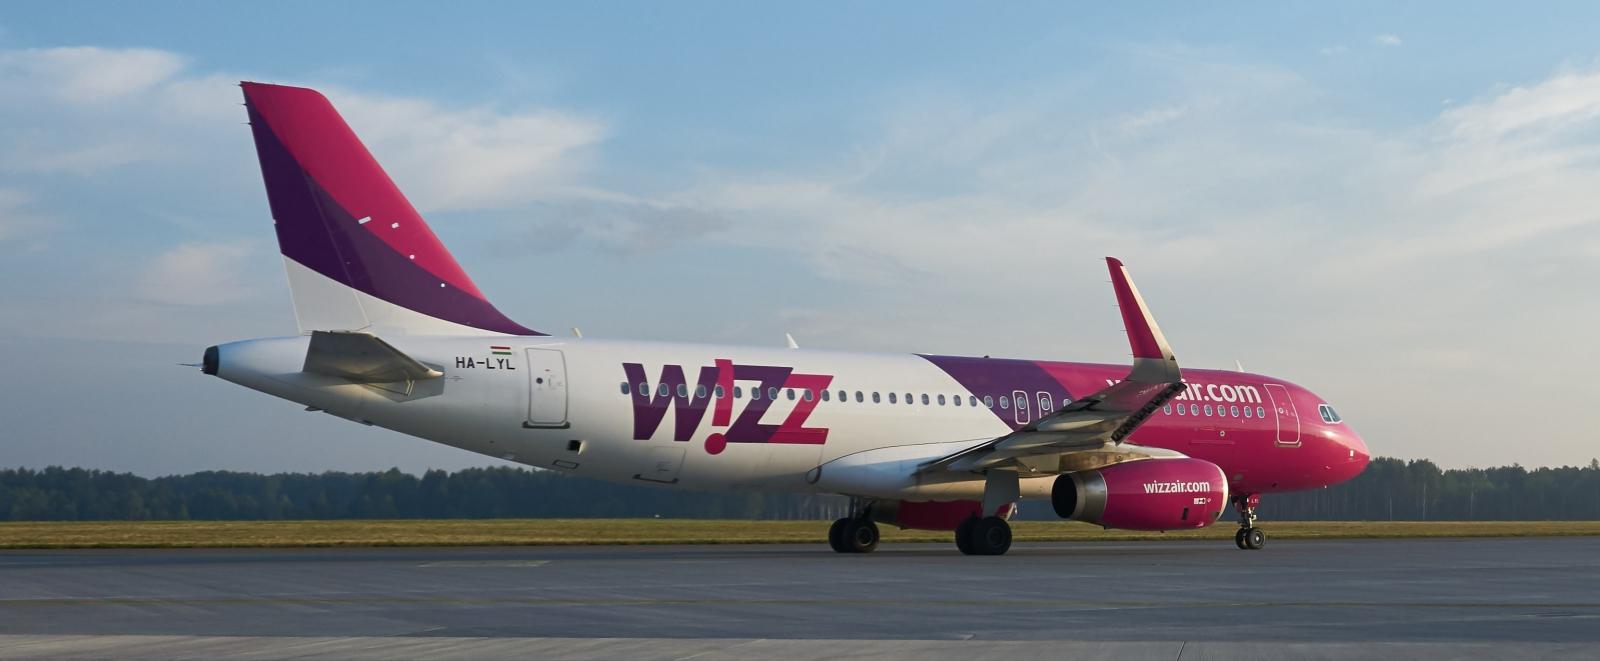 Det ungarske lavprisselskapet Wizz Air frakter nå flere passasjerer enn konkurrenten Ryanair.